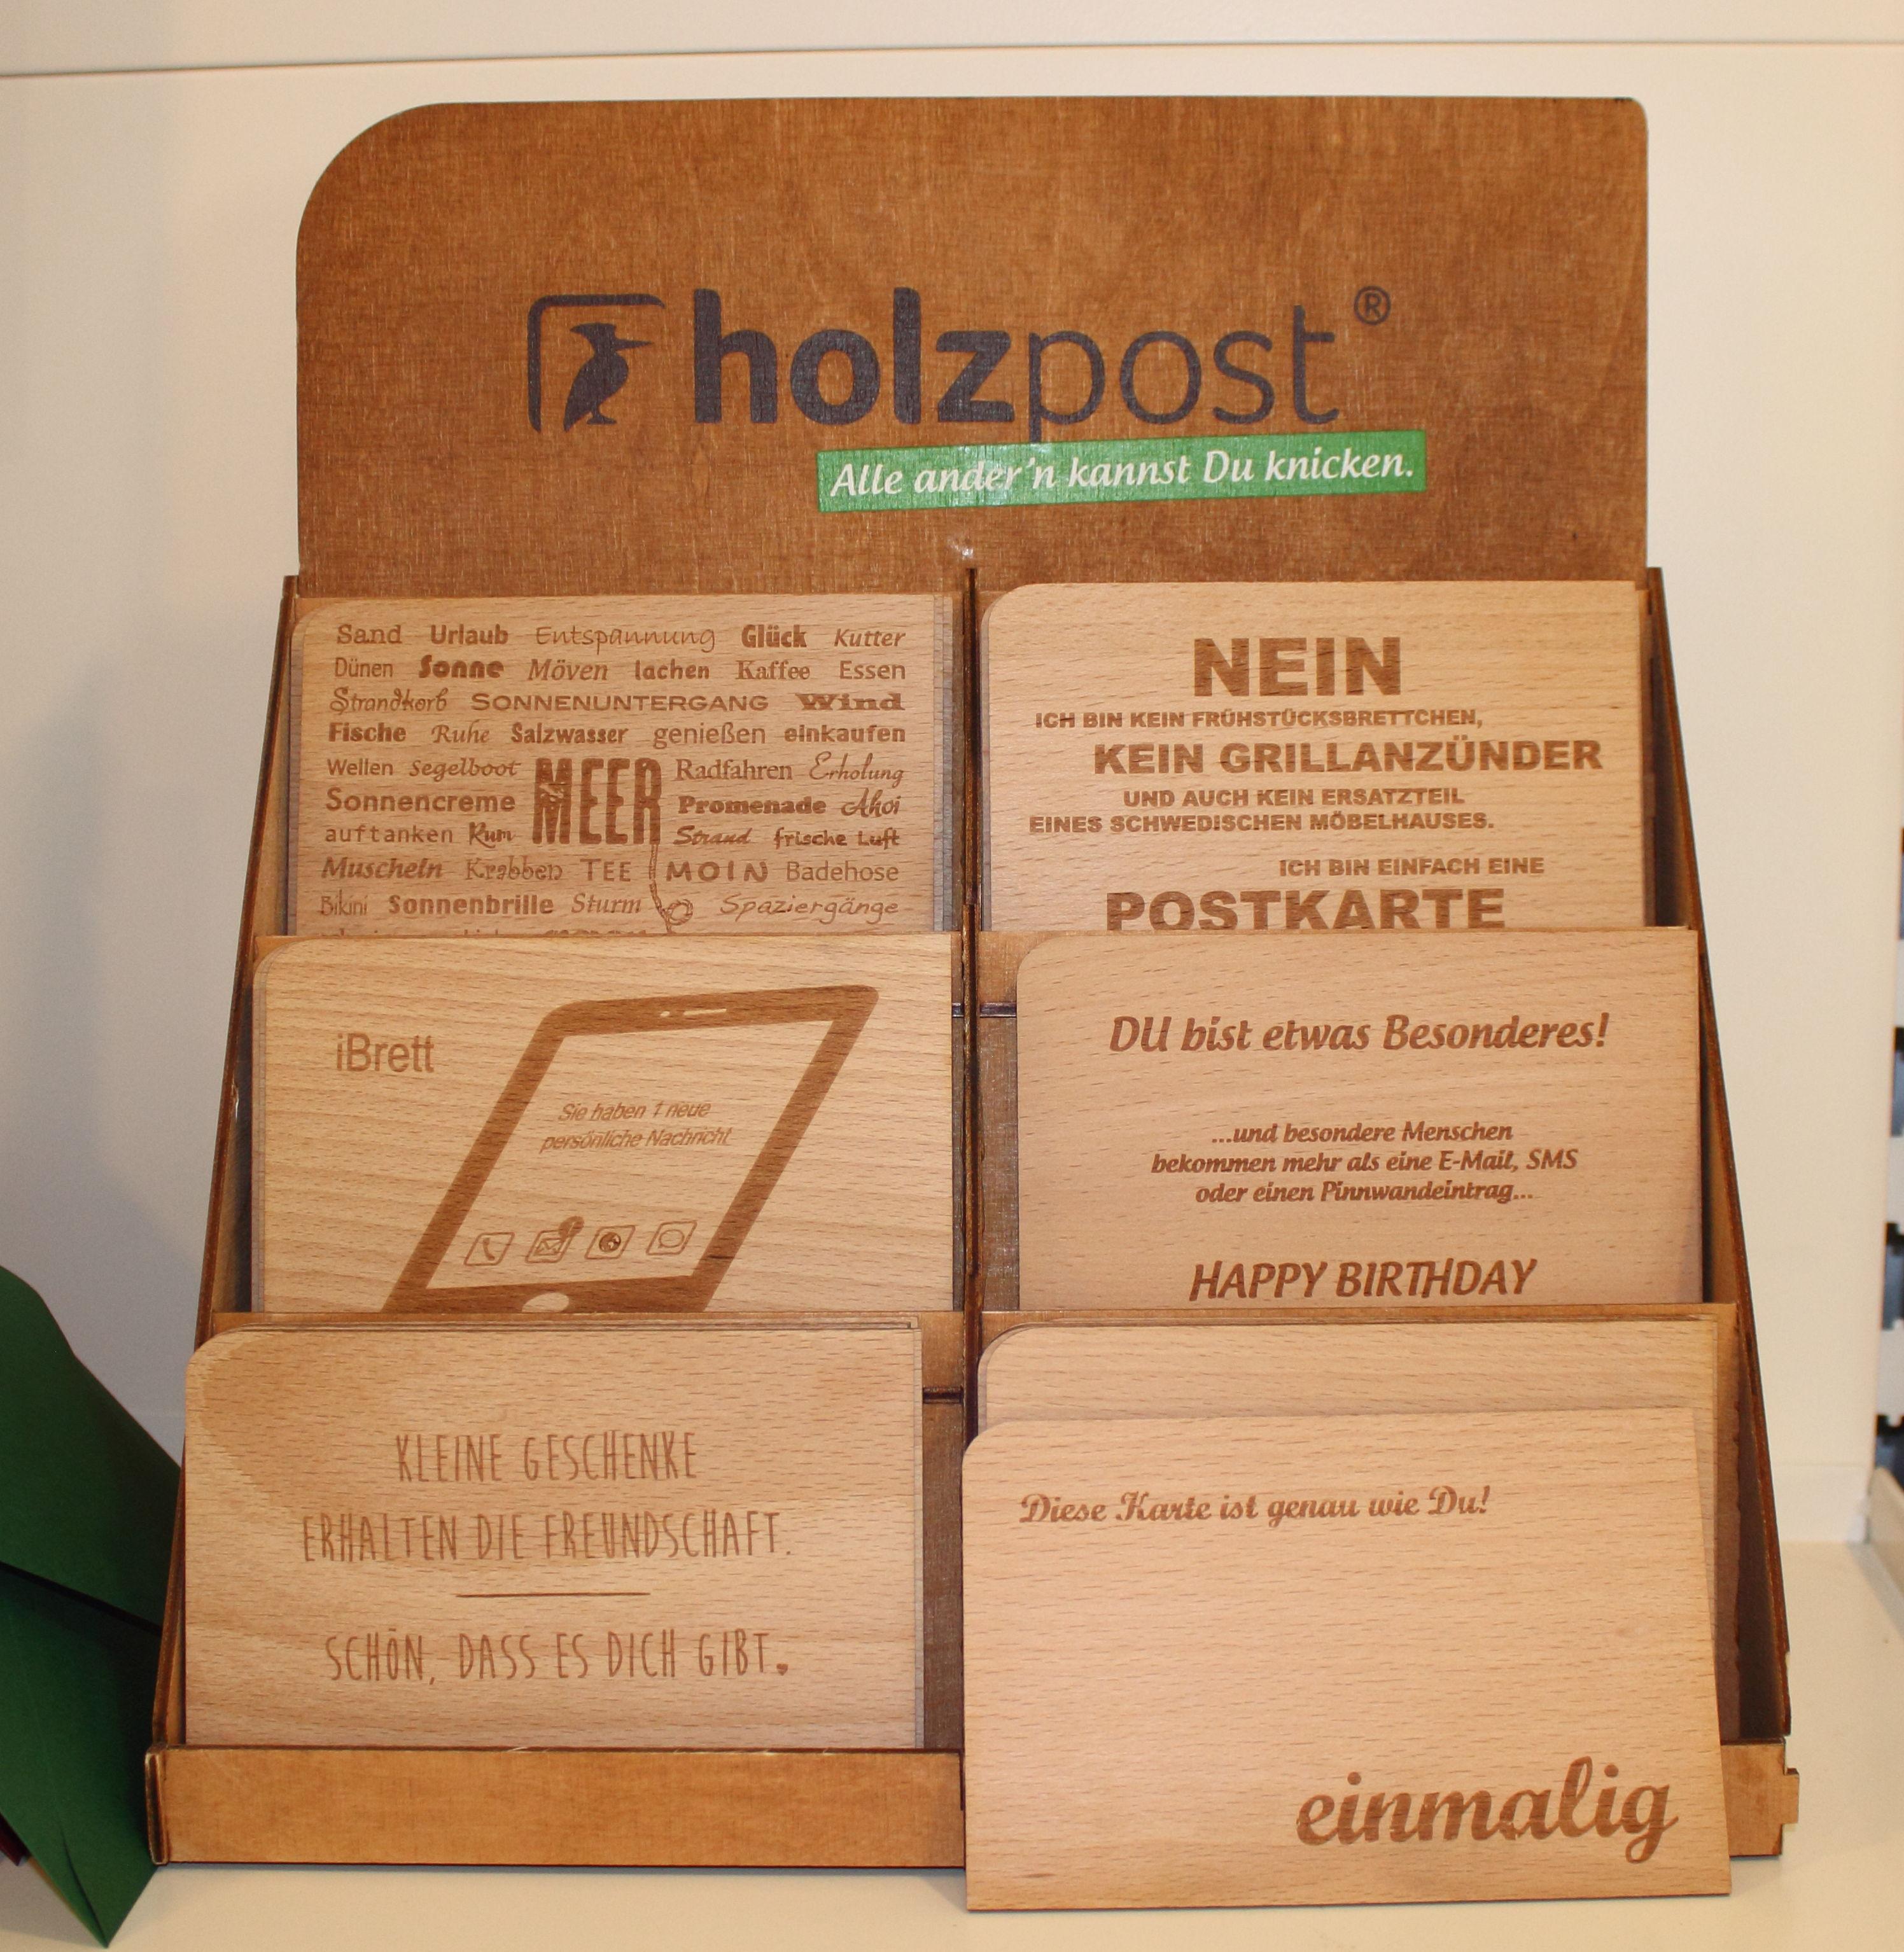 Einzelhandel zum Wohlfüllen Unverpackt Holzpost